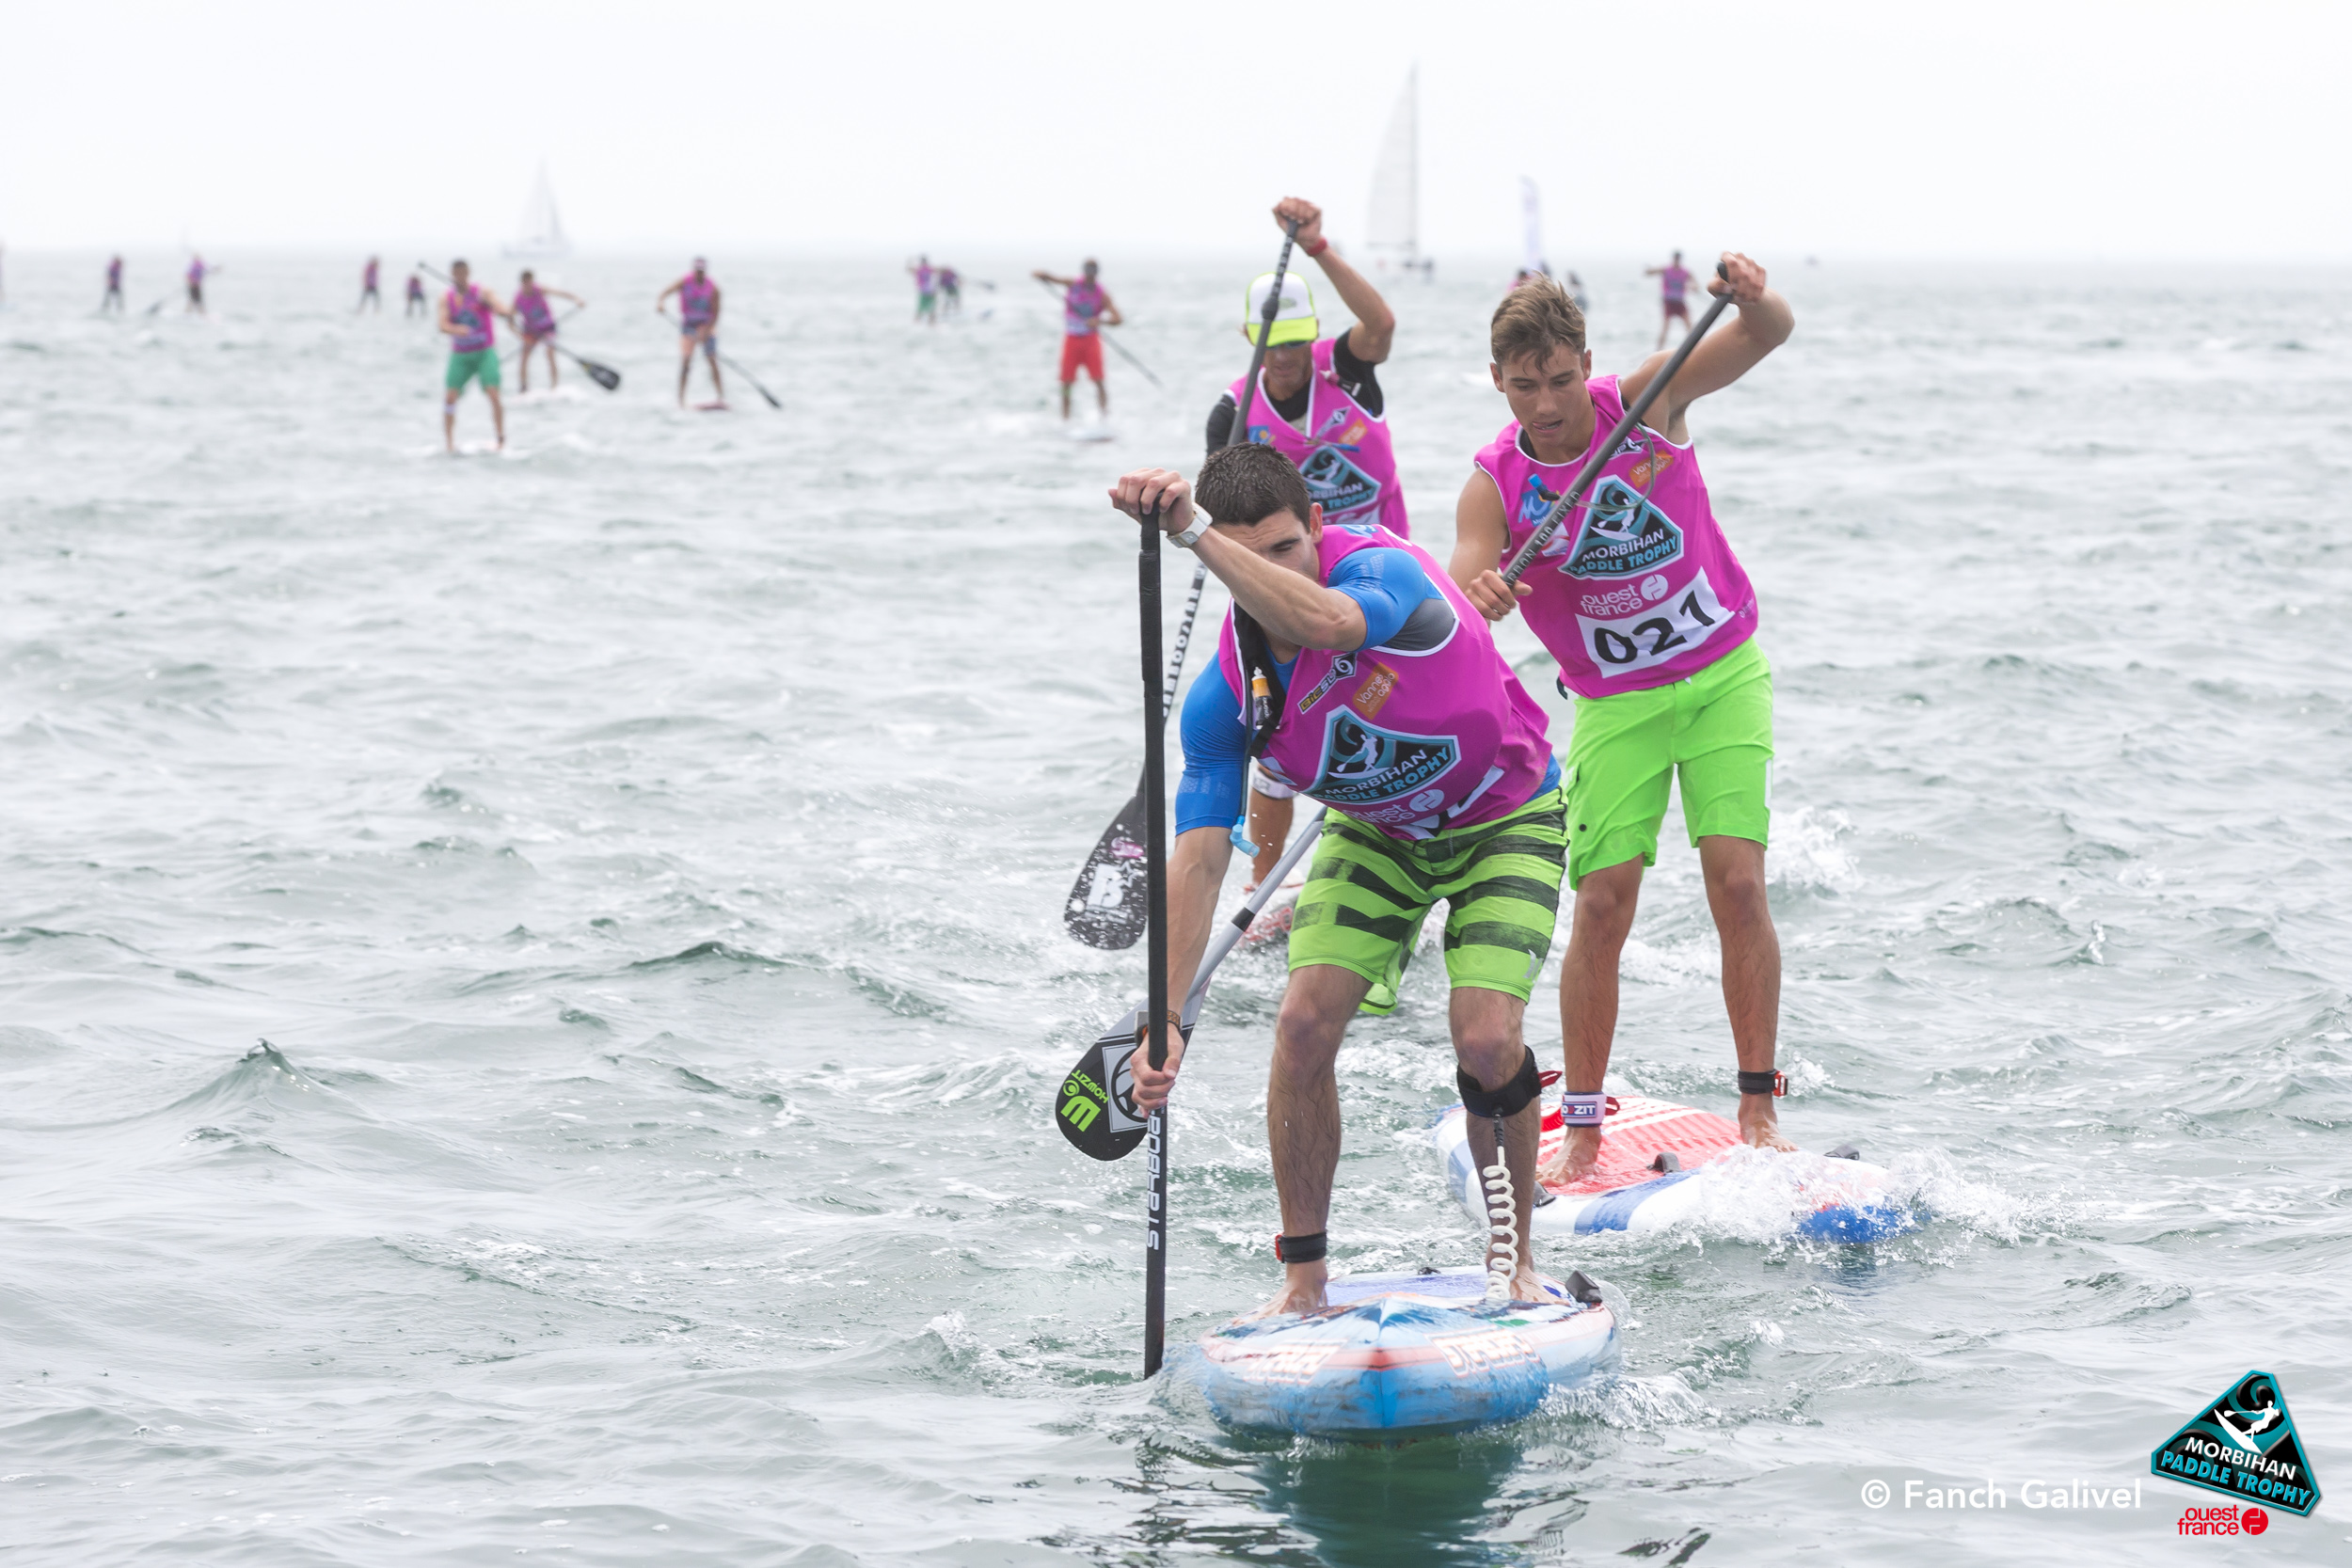 Le morbihan paddle trophy ouest france inscrit au - Calendrier de la coupe de france 2015 ...